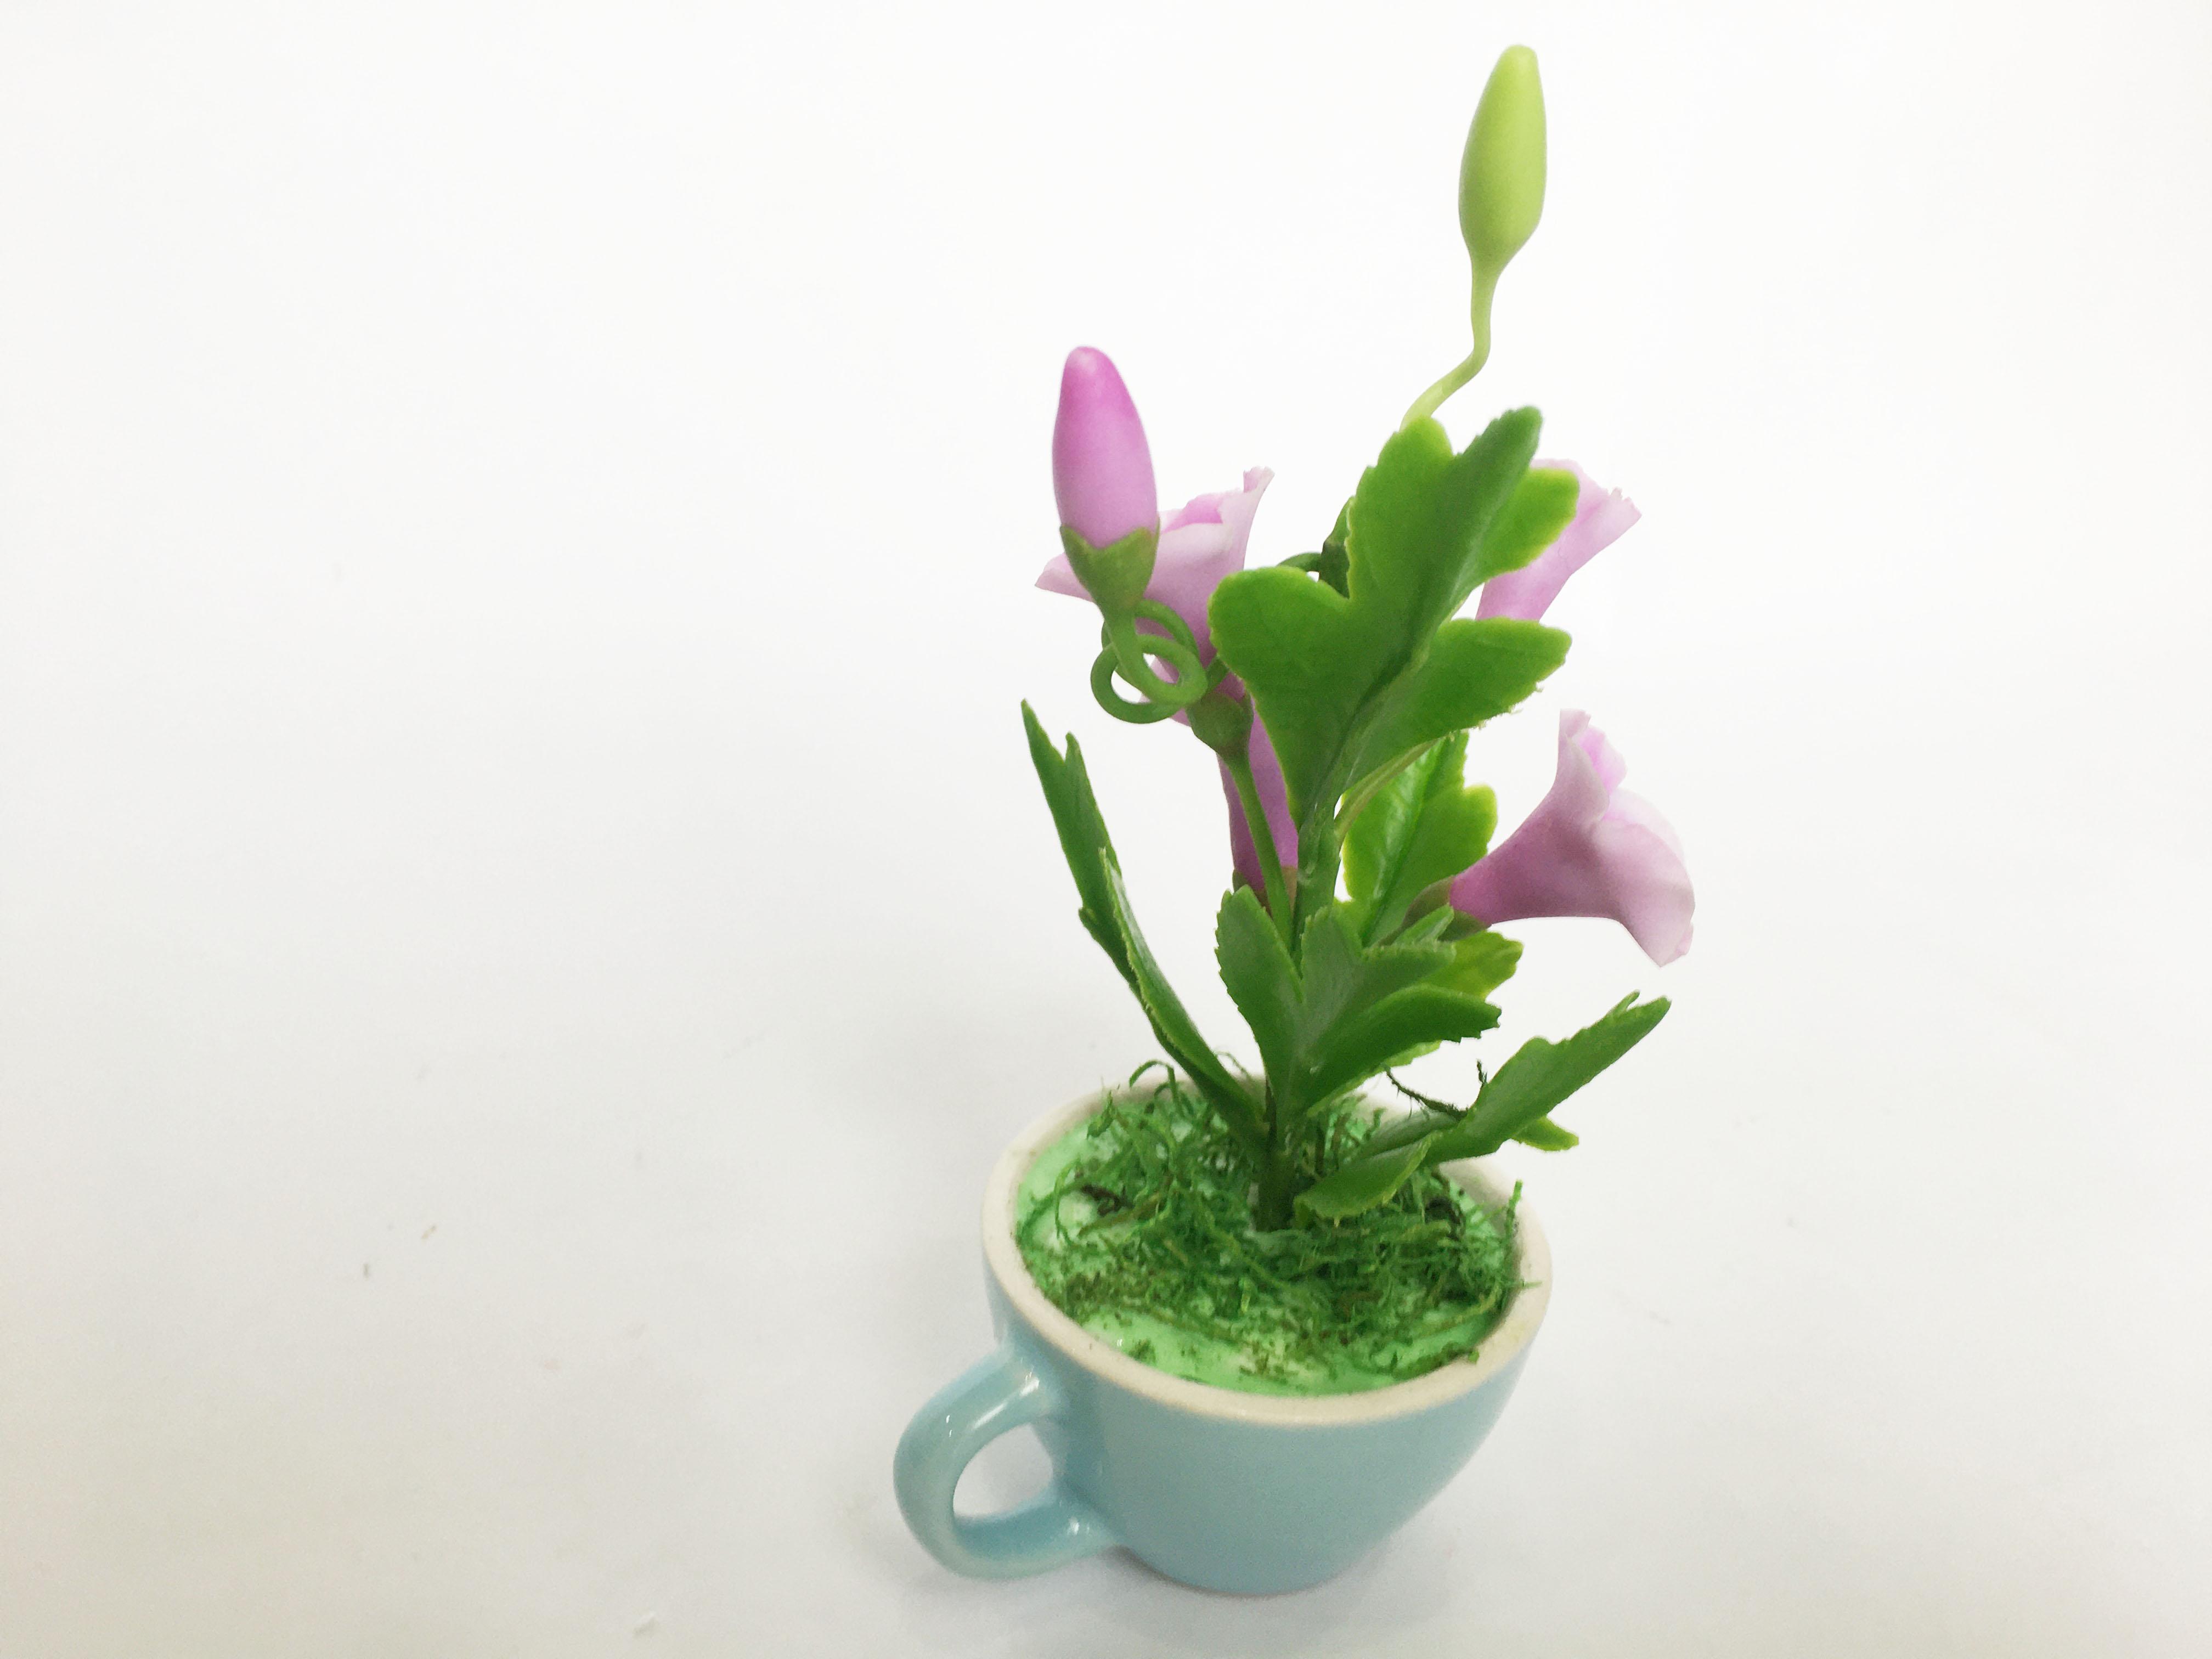 Chậu hoa đất sét mini- Bụi bìm bịp/bìm bìm trong cốc - Quà tặng trang trí handmade (12x8x8cm)